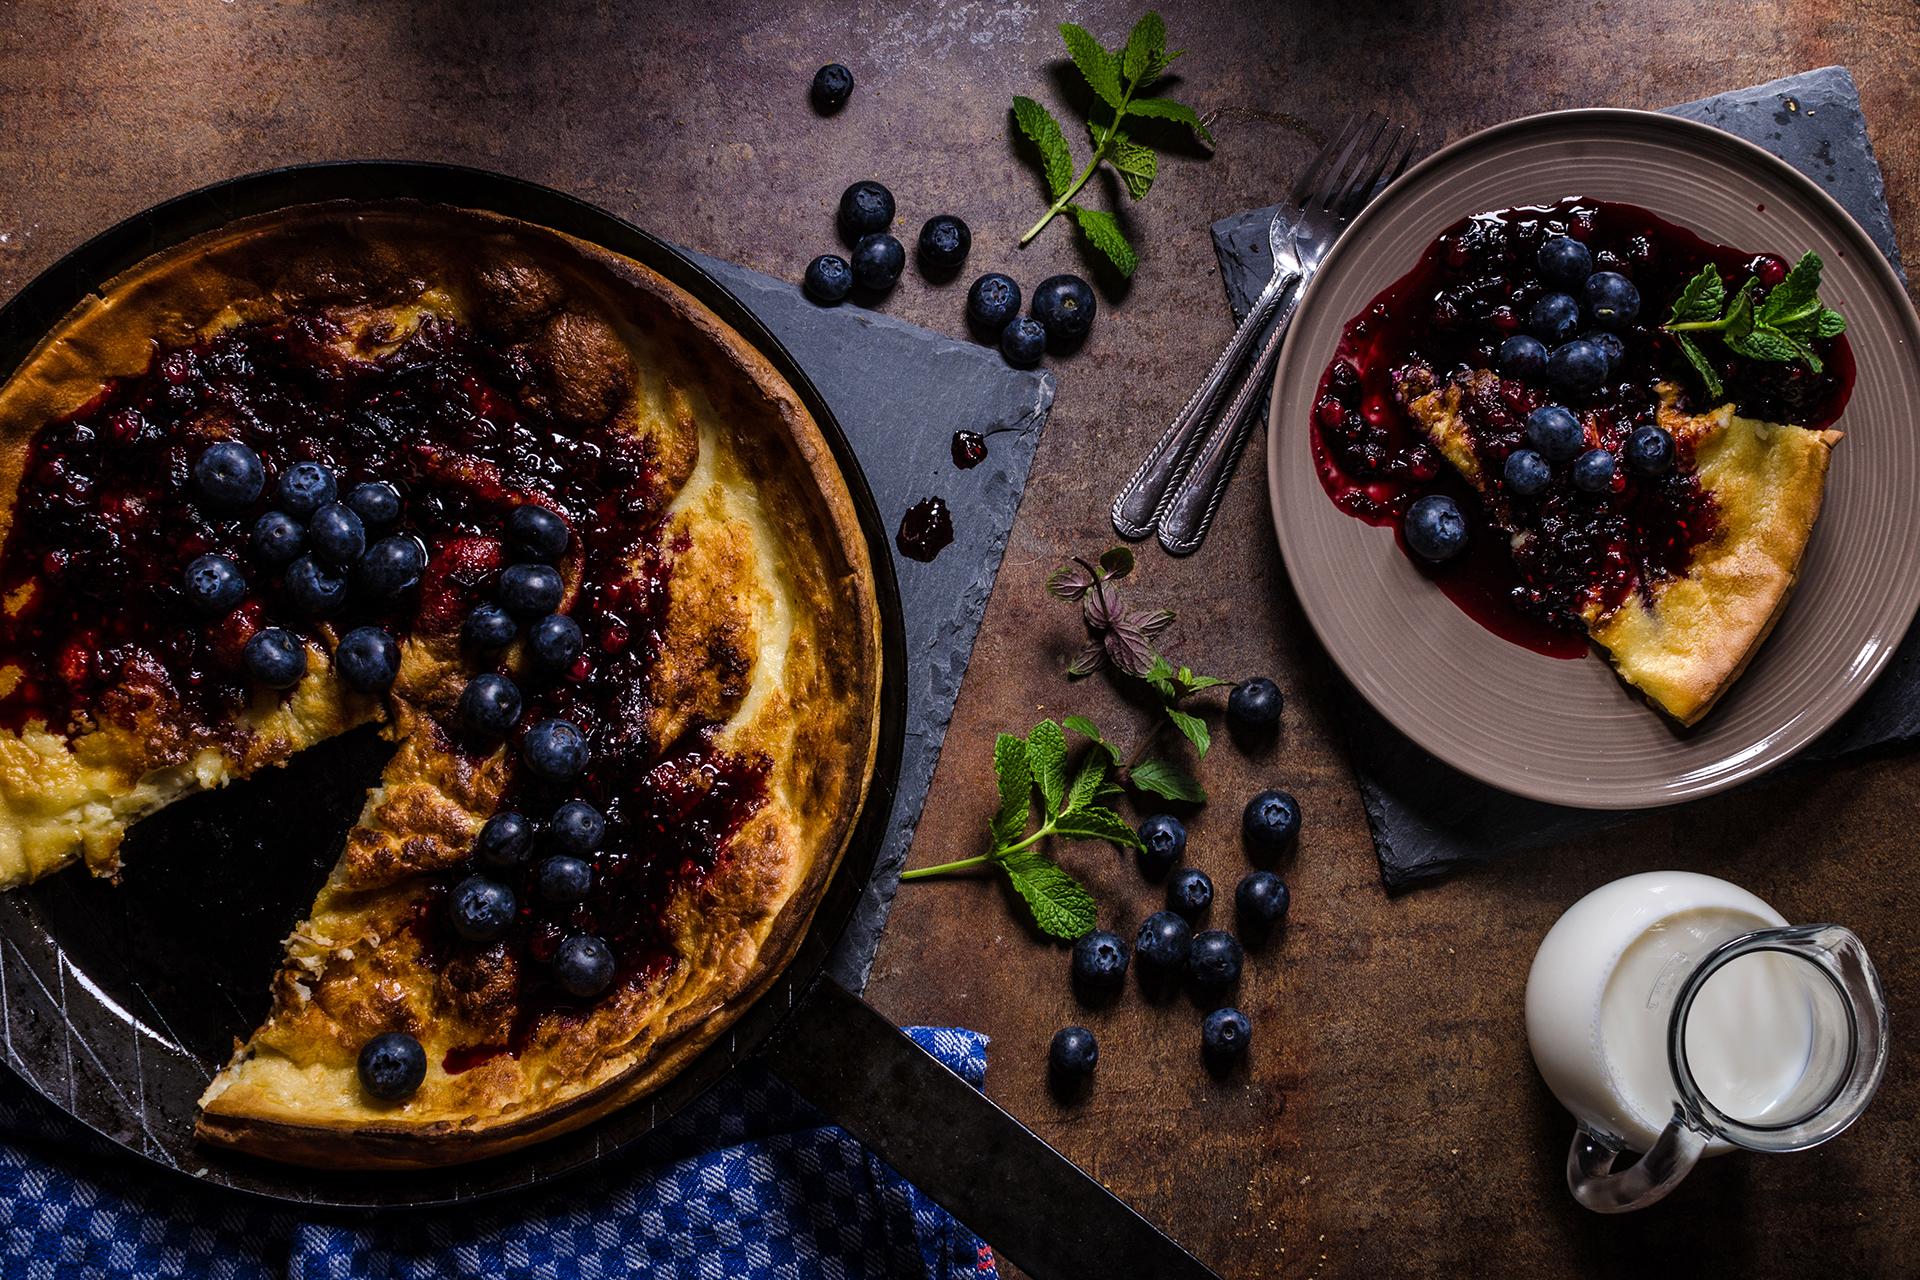 Der Blueberry Dutch Baby Pancake ist ein köstlicher Sattmacher